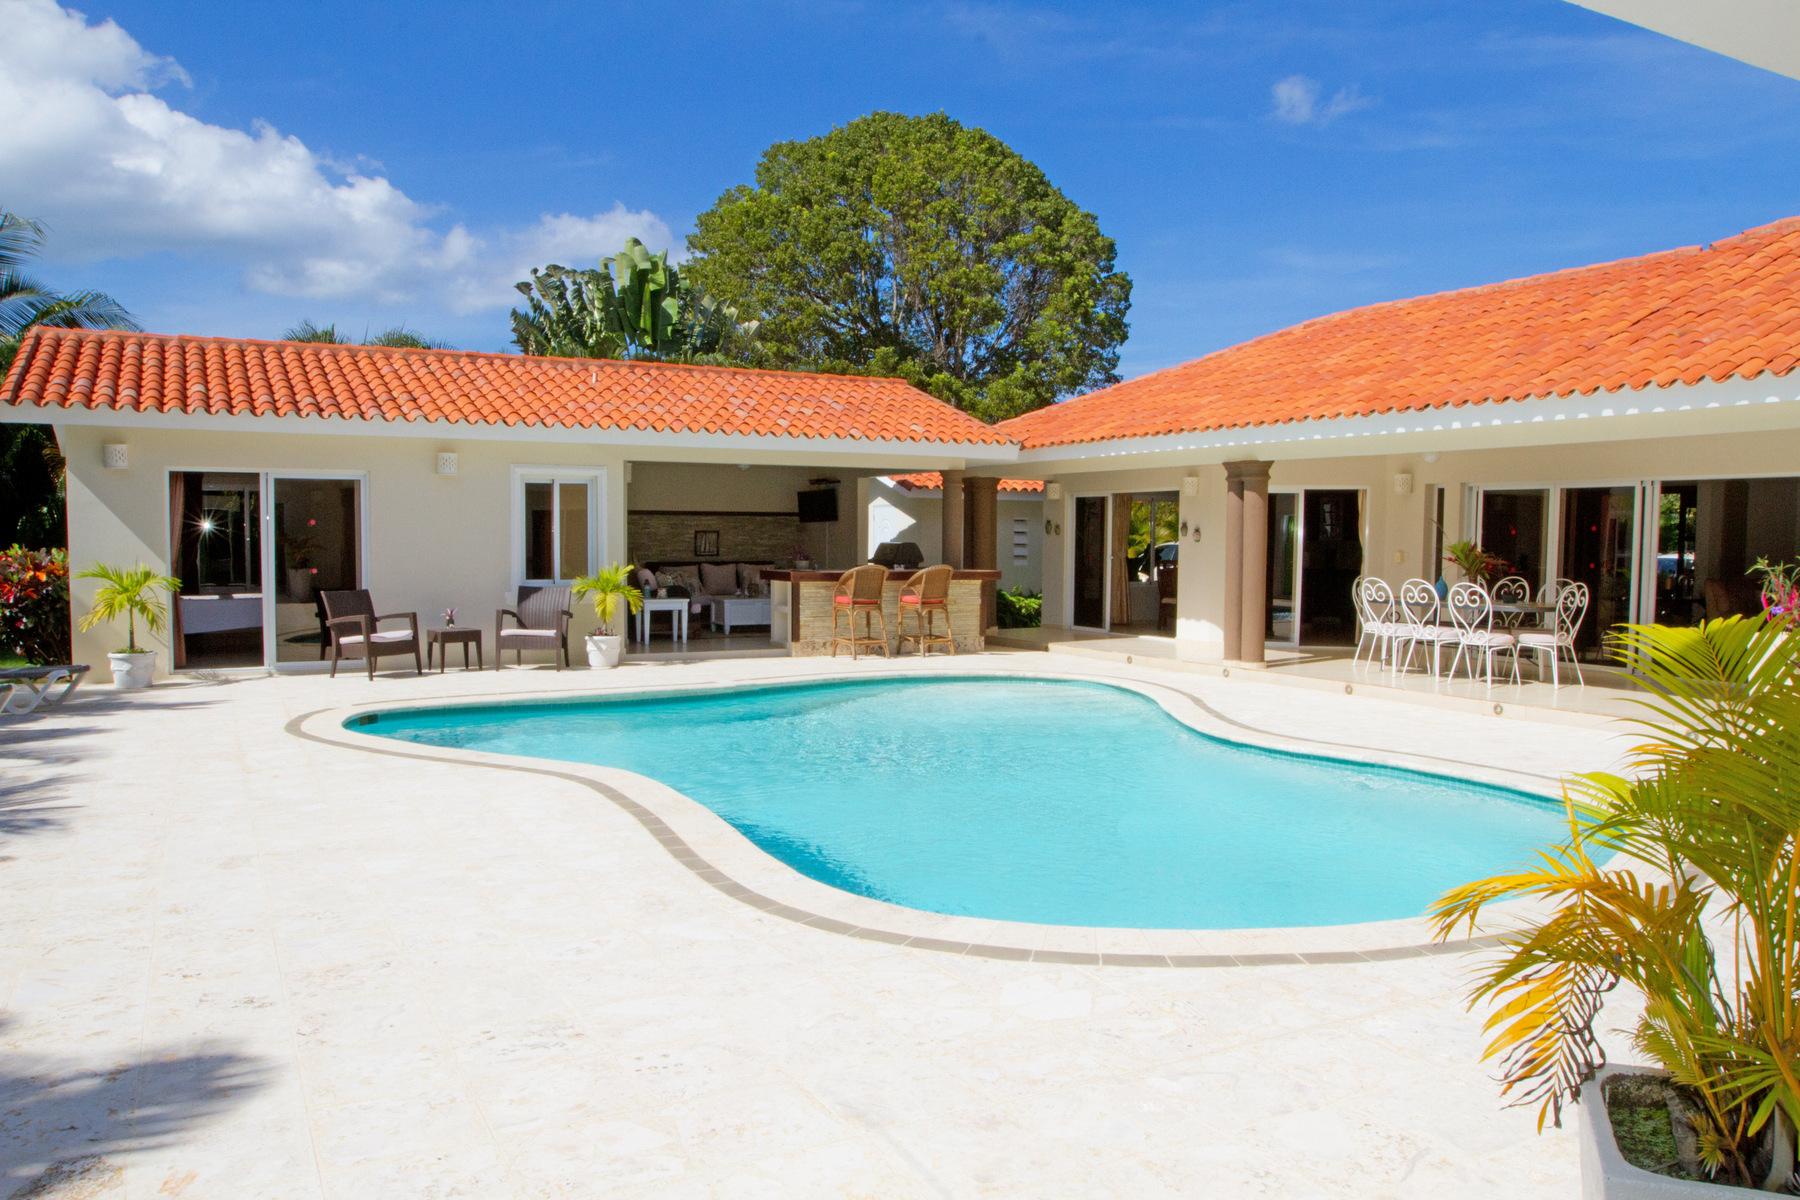 独户住宅 为 销售 在 Casa Linda Villa 637 索苏阿, 普拉塔省, 多米尼加共和国